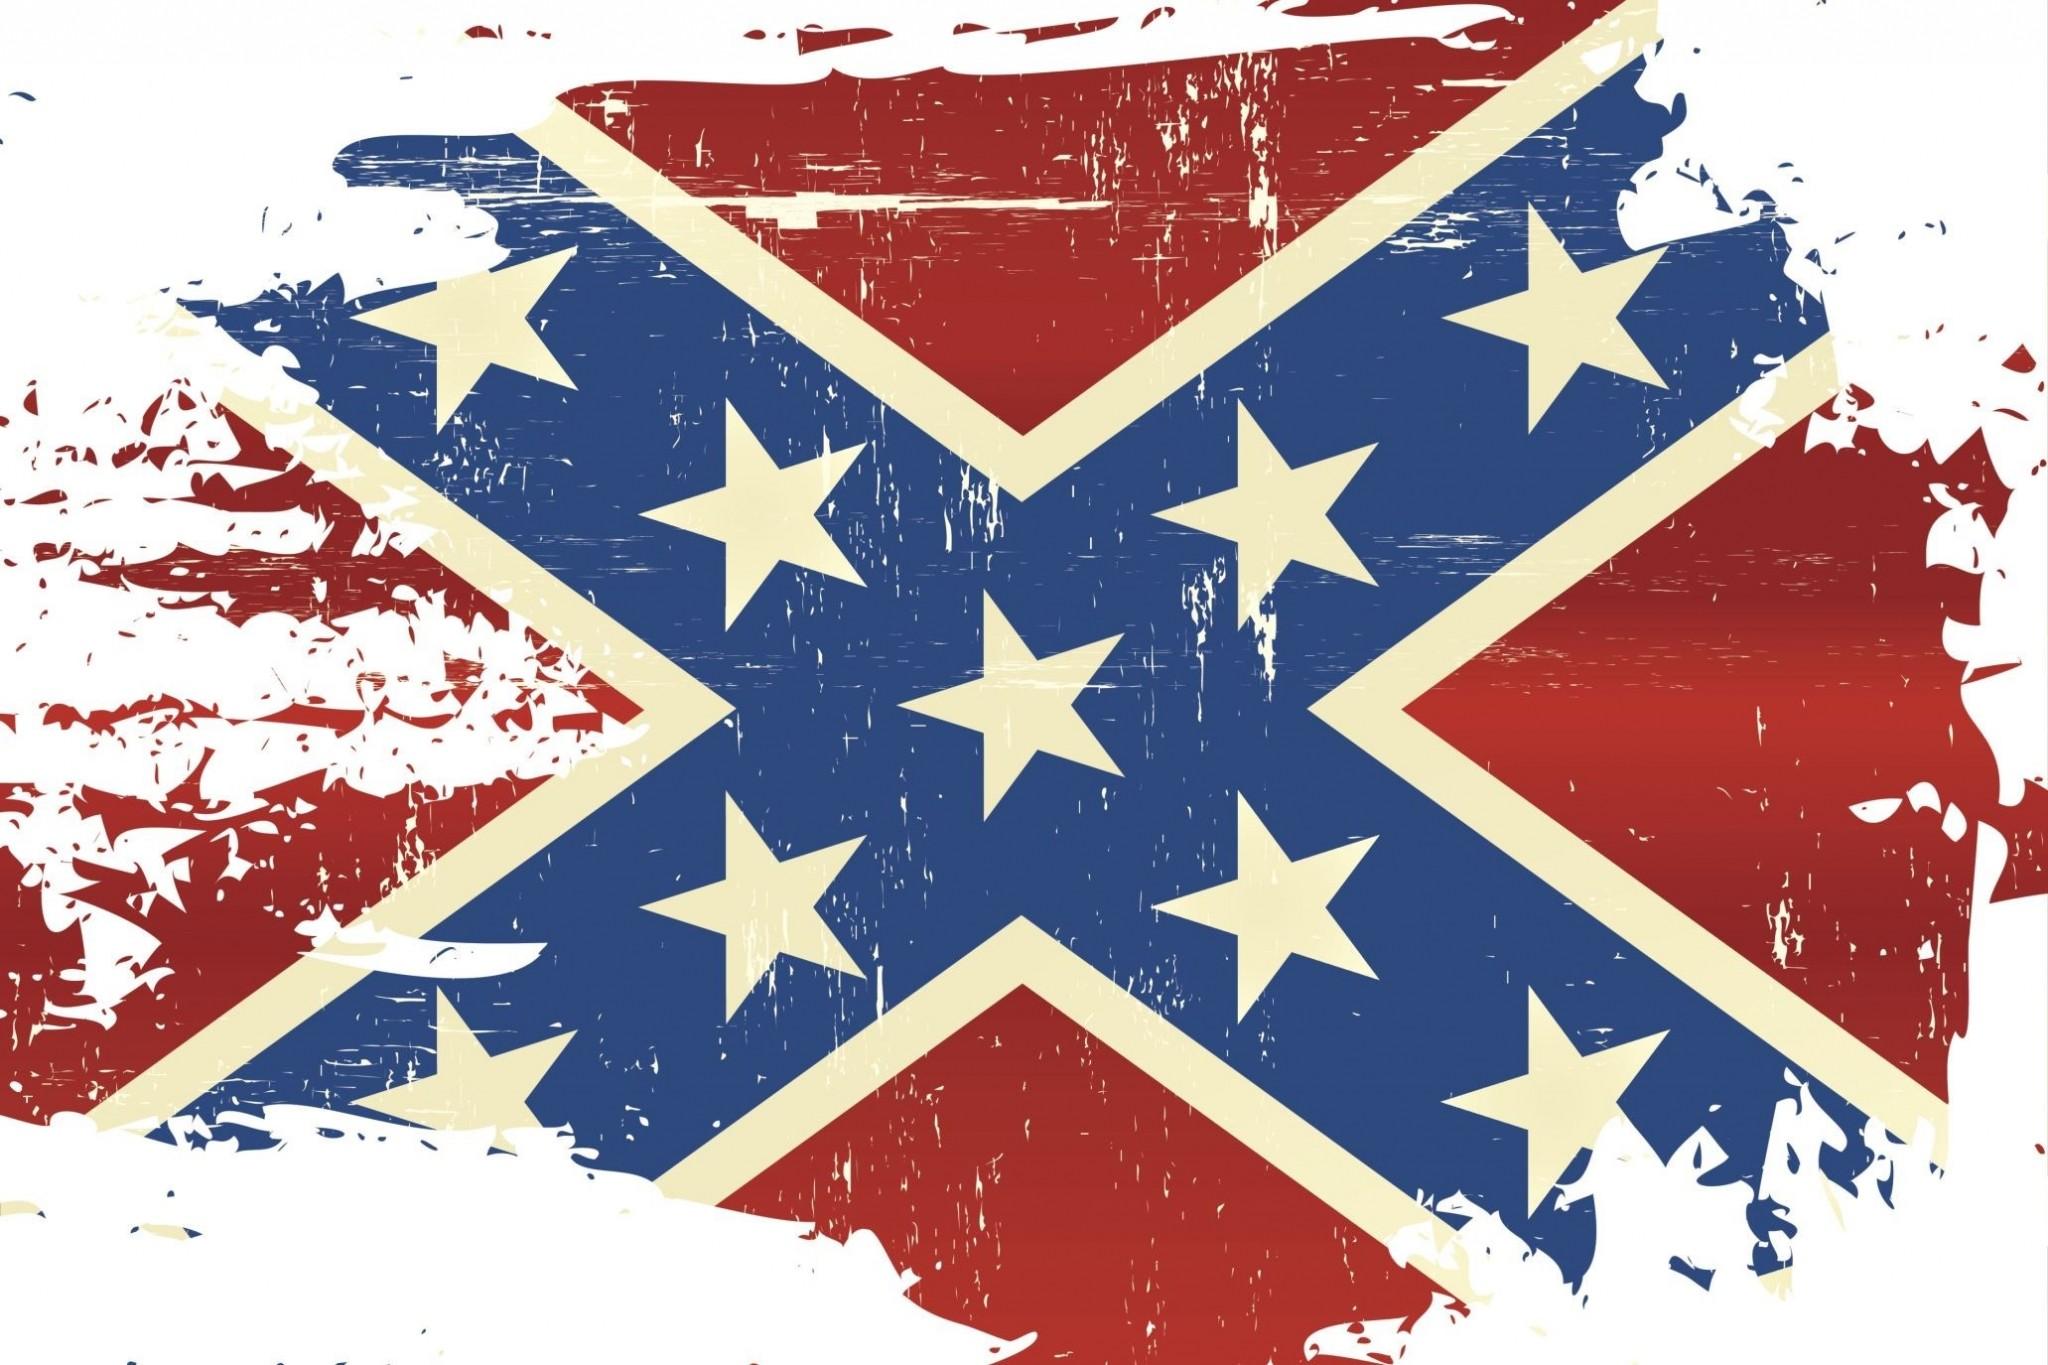 Rebel Flag wallpaper ·① Download free stunning HD ...